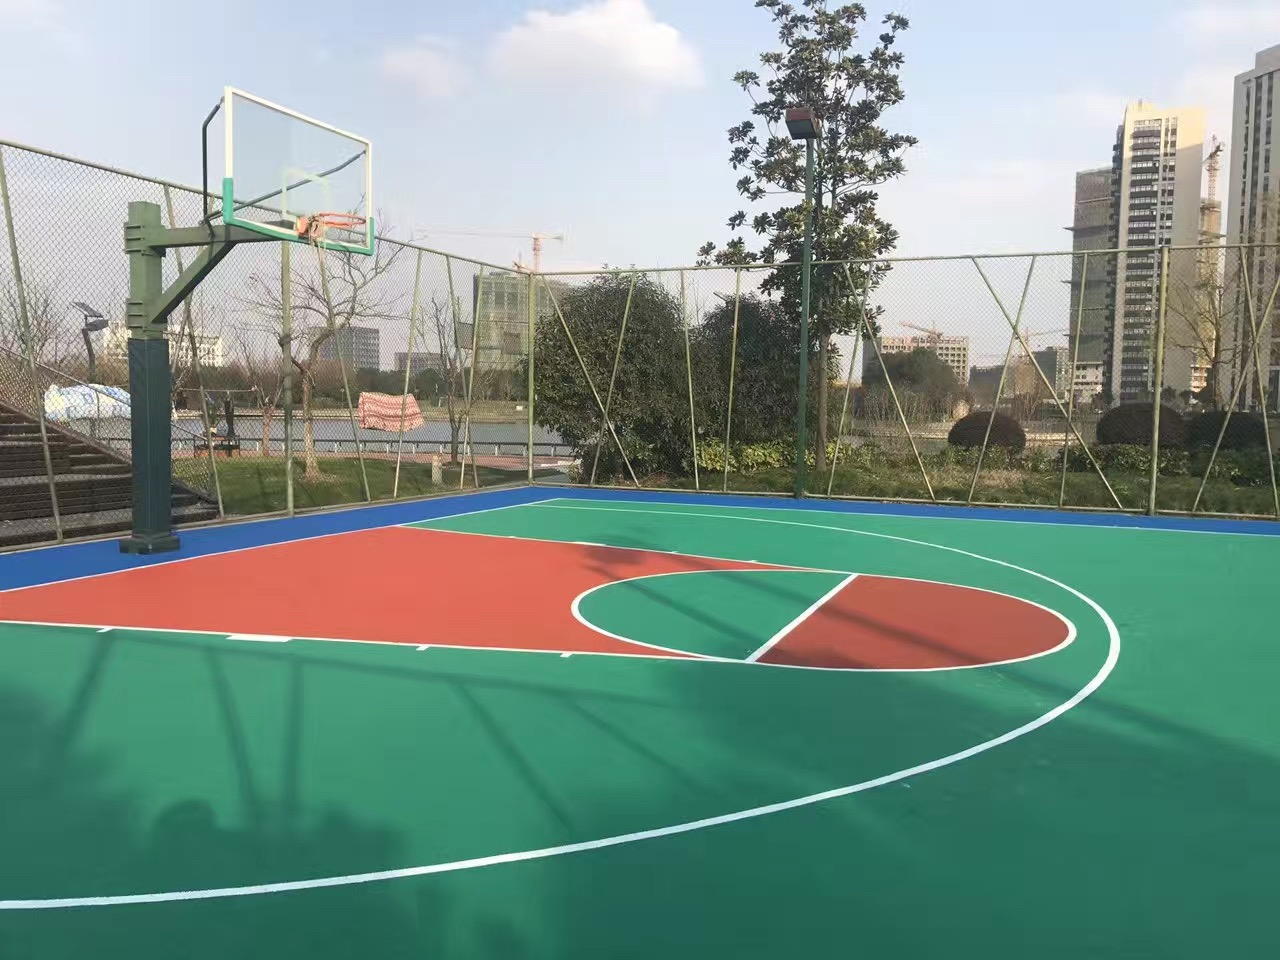 上海塑胶篮球场专业施工厂家为您解析塑胶篮球场的优点